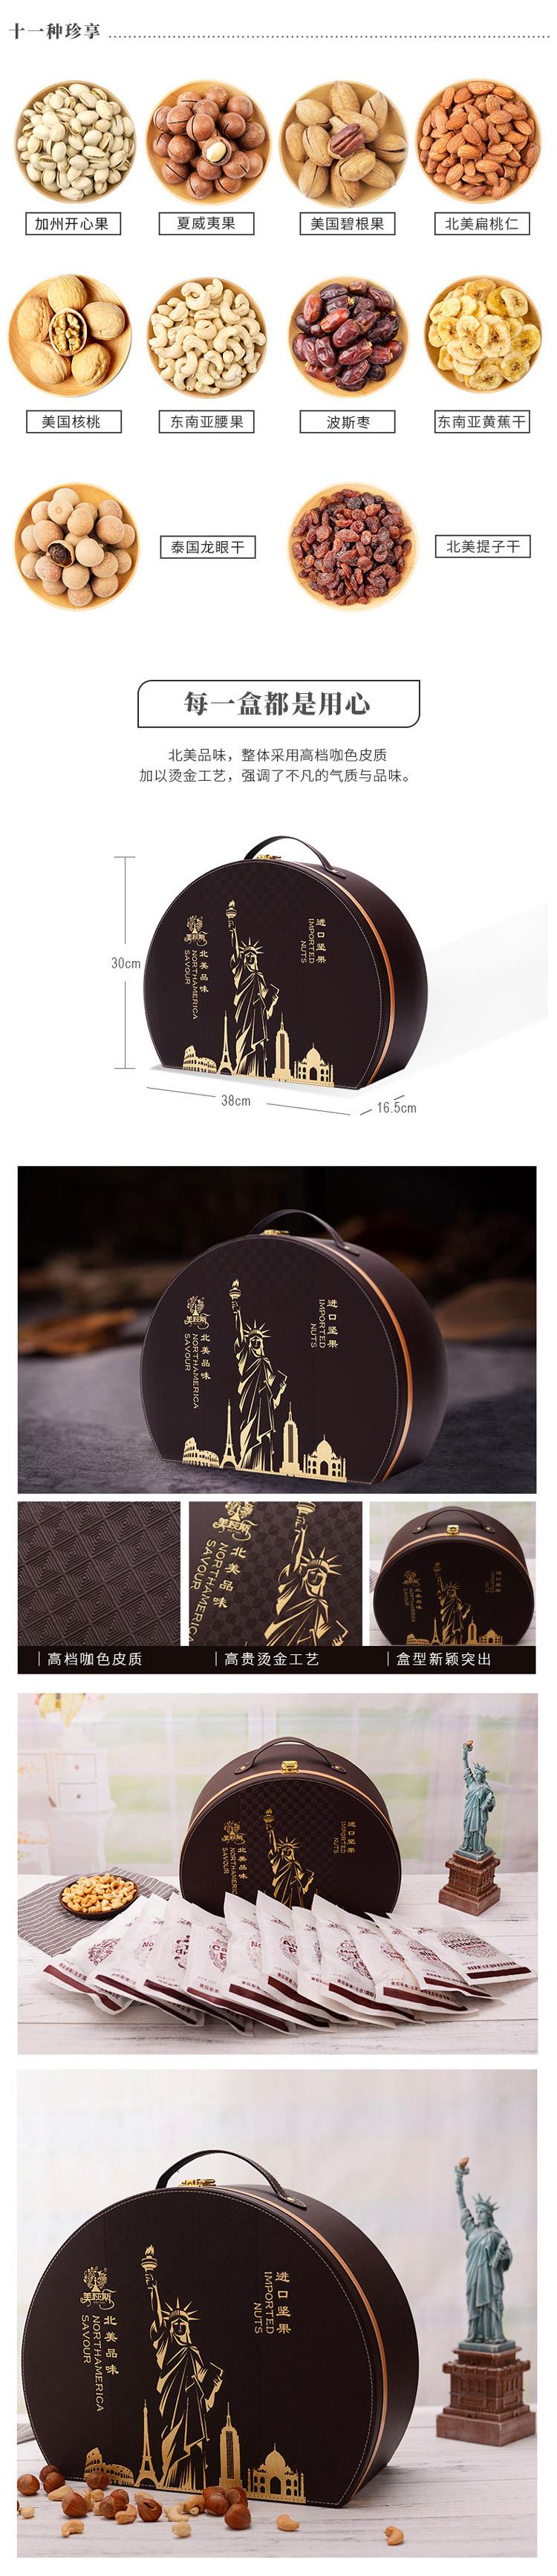 美荻斯进口干果1973g礼盒装 北美品味坚果大礼包 河南零食炒货春节礼品团购